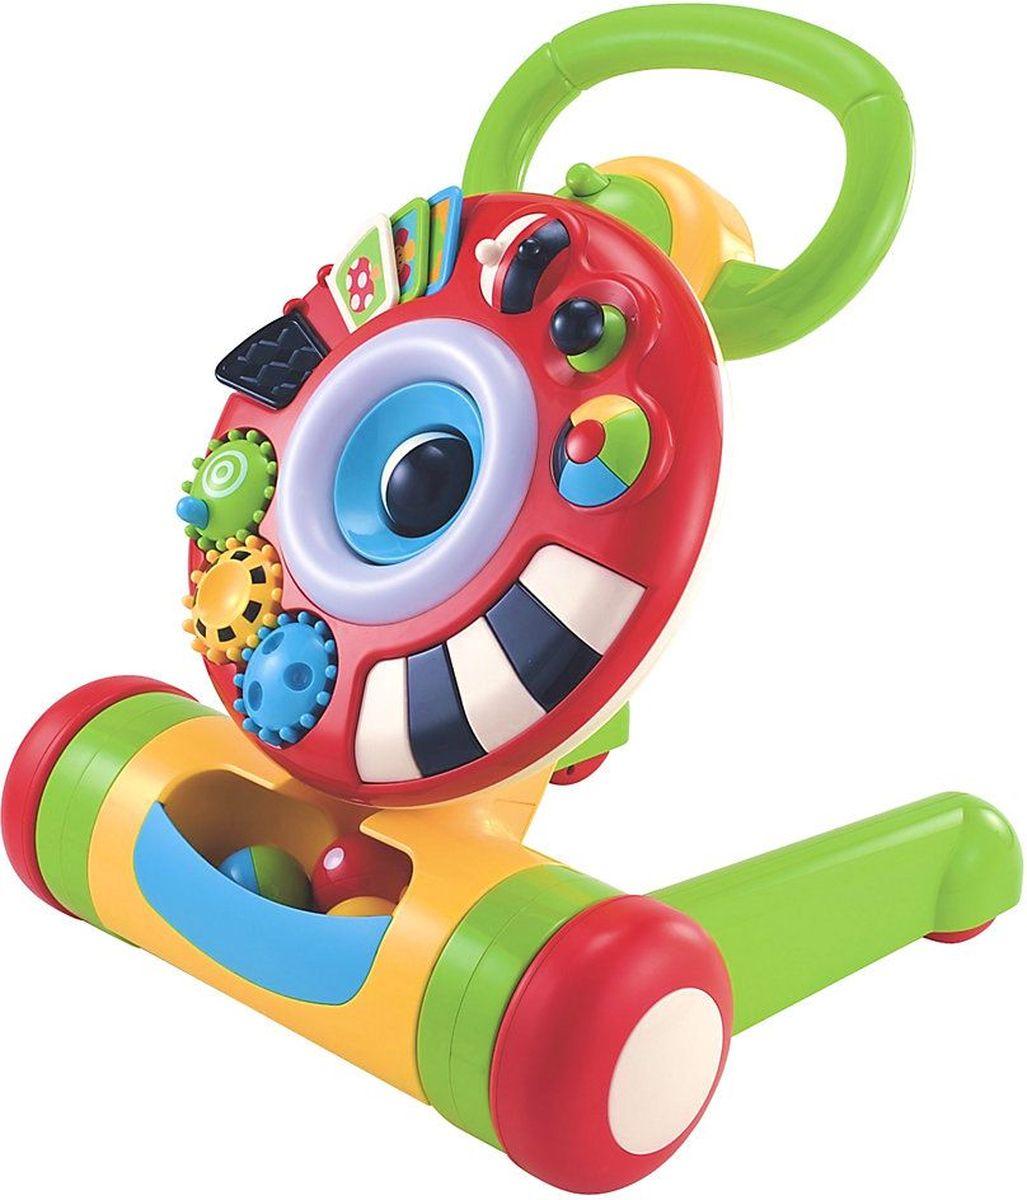 ELC Ходунки Машинка-ходунок130778Замечательные прочные ходунки со светом и звуком помогут Вашему малышу сделать первые шаги. Съемное кольцо с колесиками, которые можно крутить, с книжкой для листания, разными интересными кнопками и кучей других интересных штук. Со временем малыш научиться кидать в кольцо мячик - если попасть, оно засветится и зашумит. Учимся ходить? Ходунки станут надежной опорой. Прочная конструкция из высококачественного первичного пластика. Для удобства хранения ходунки складываются. Работает от 3 батареек AA (приобретаются отдельно). Размер ходунков в сложенном виде 52 х 40 х 11см. Диаметр мячика 5 см. размер коробки 56 х 44 х 19 см